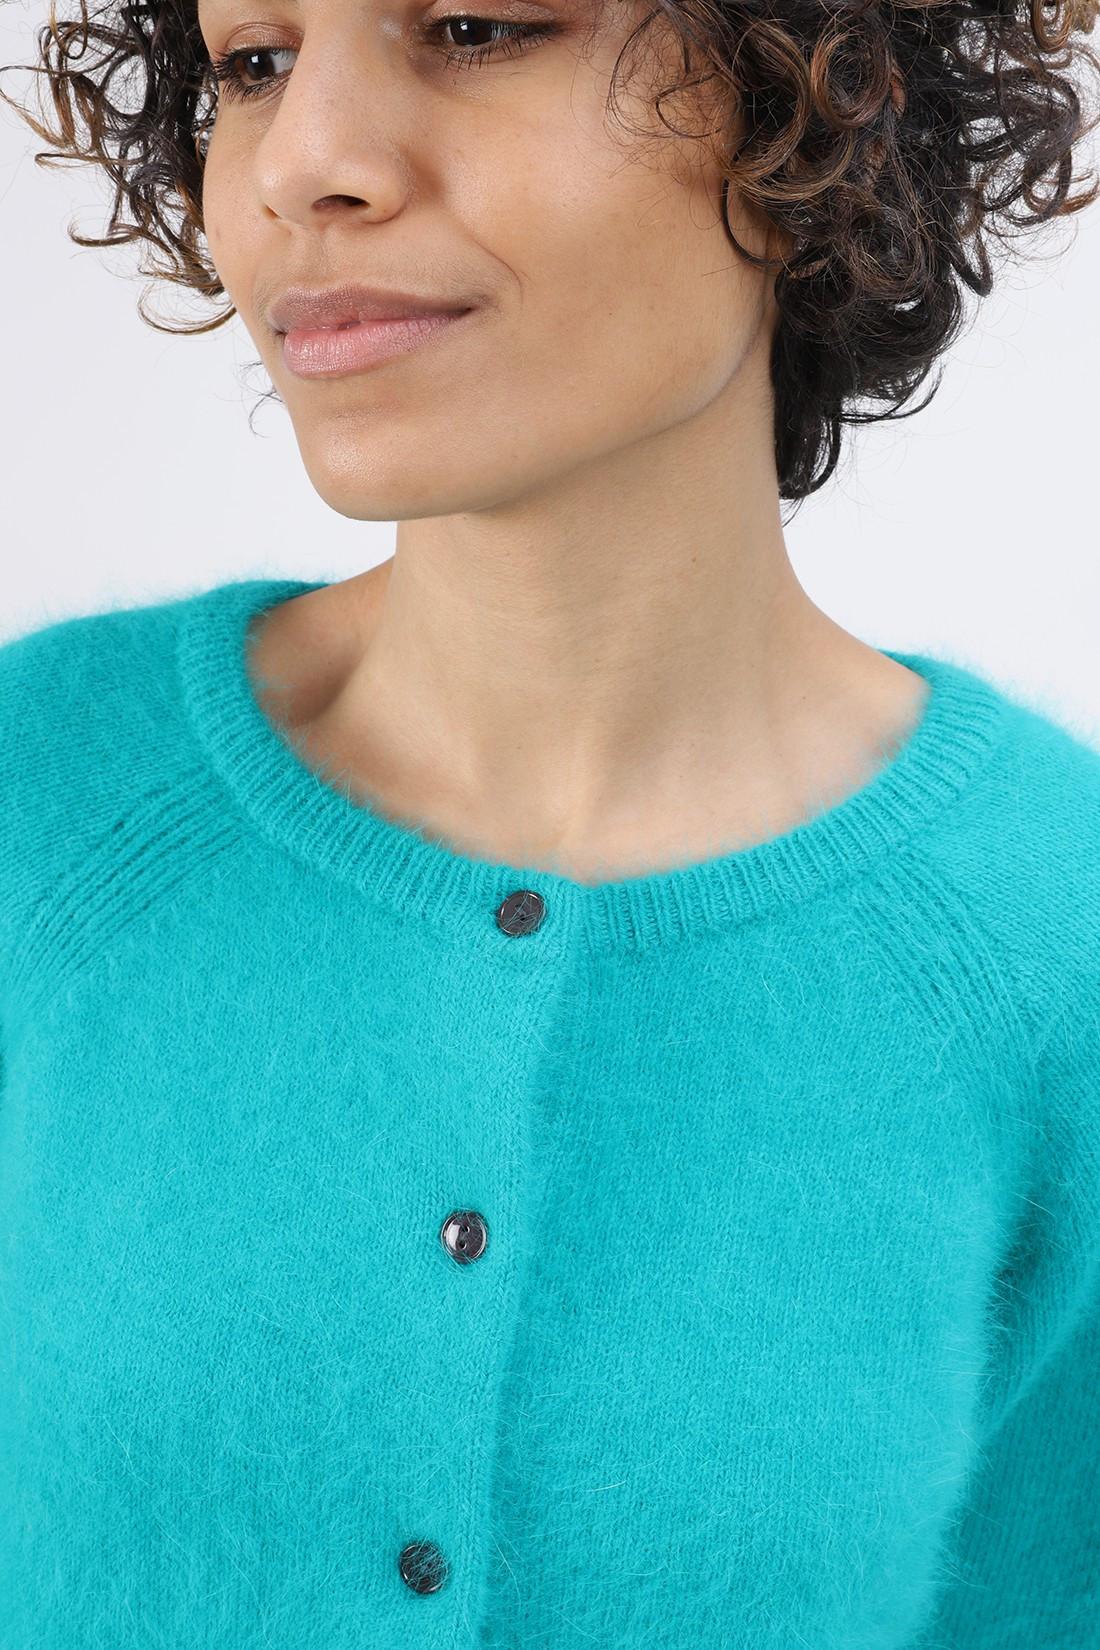 BELLEROSE FOR WOMAN / Datair cardigan Emerald